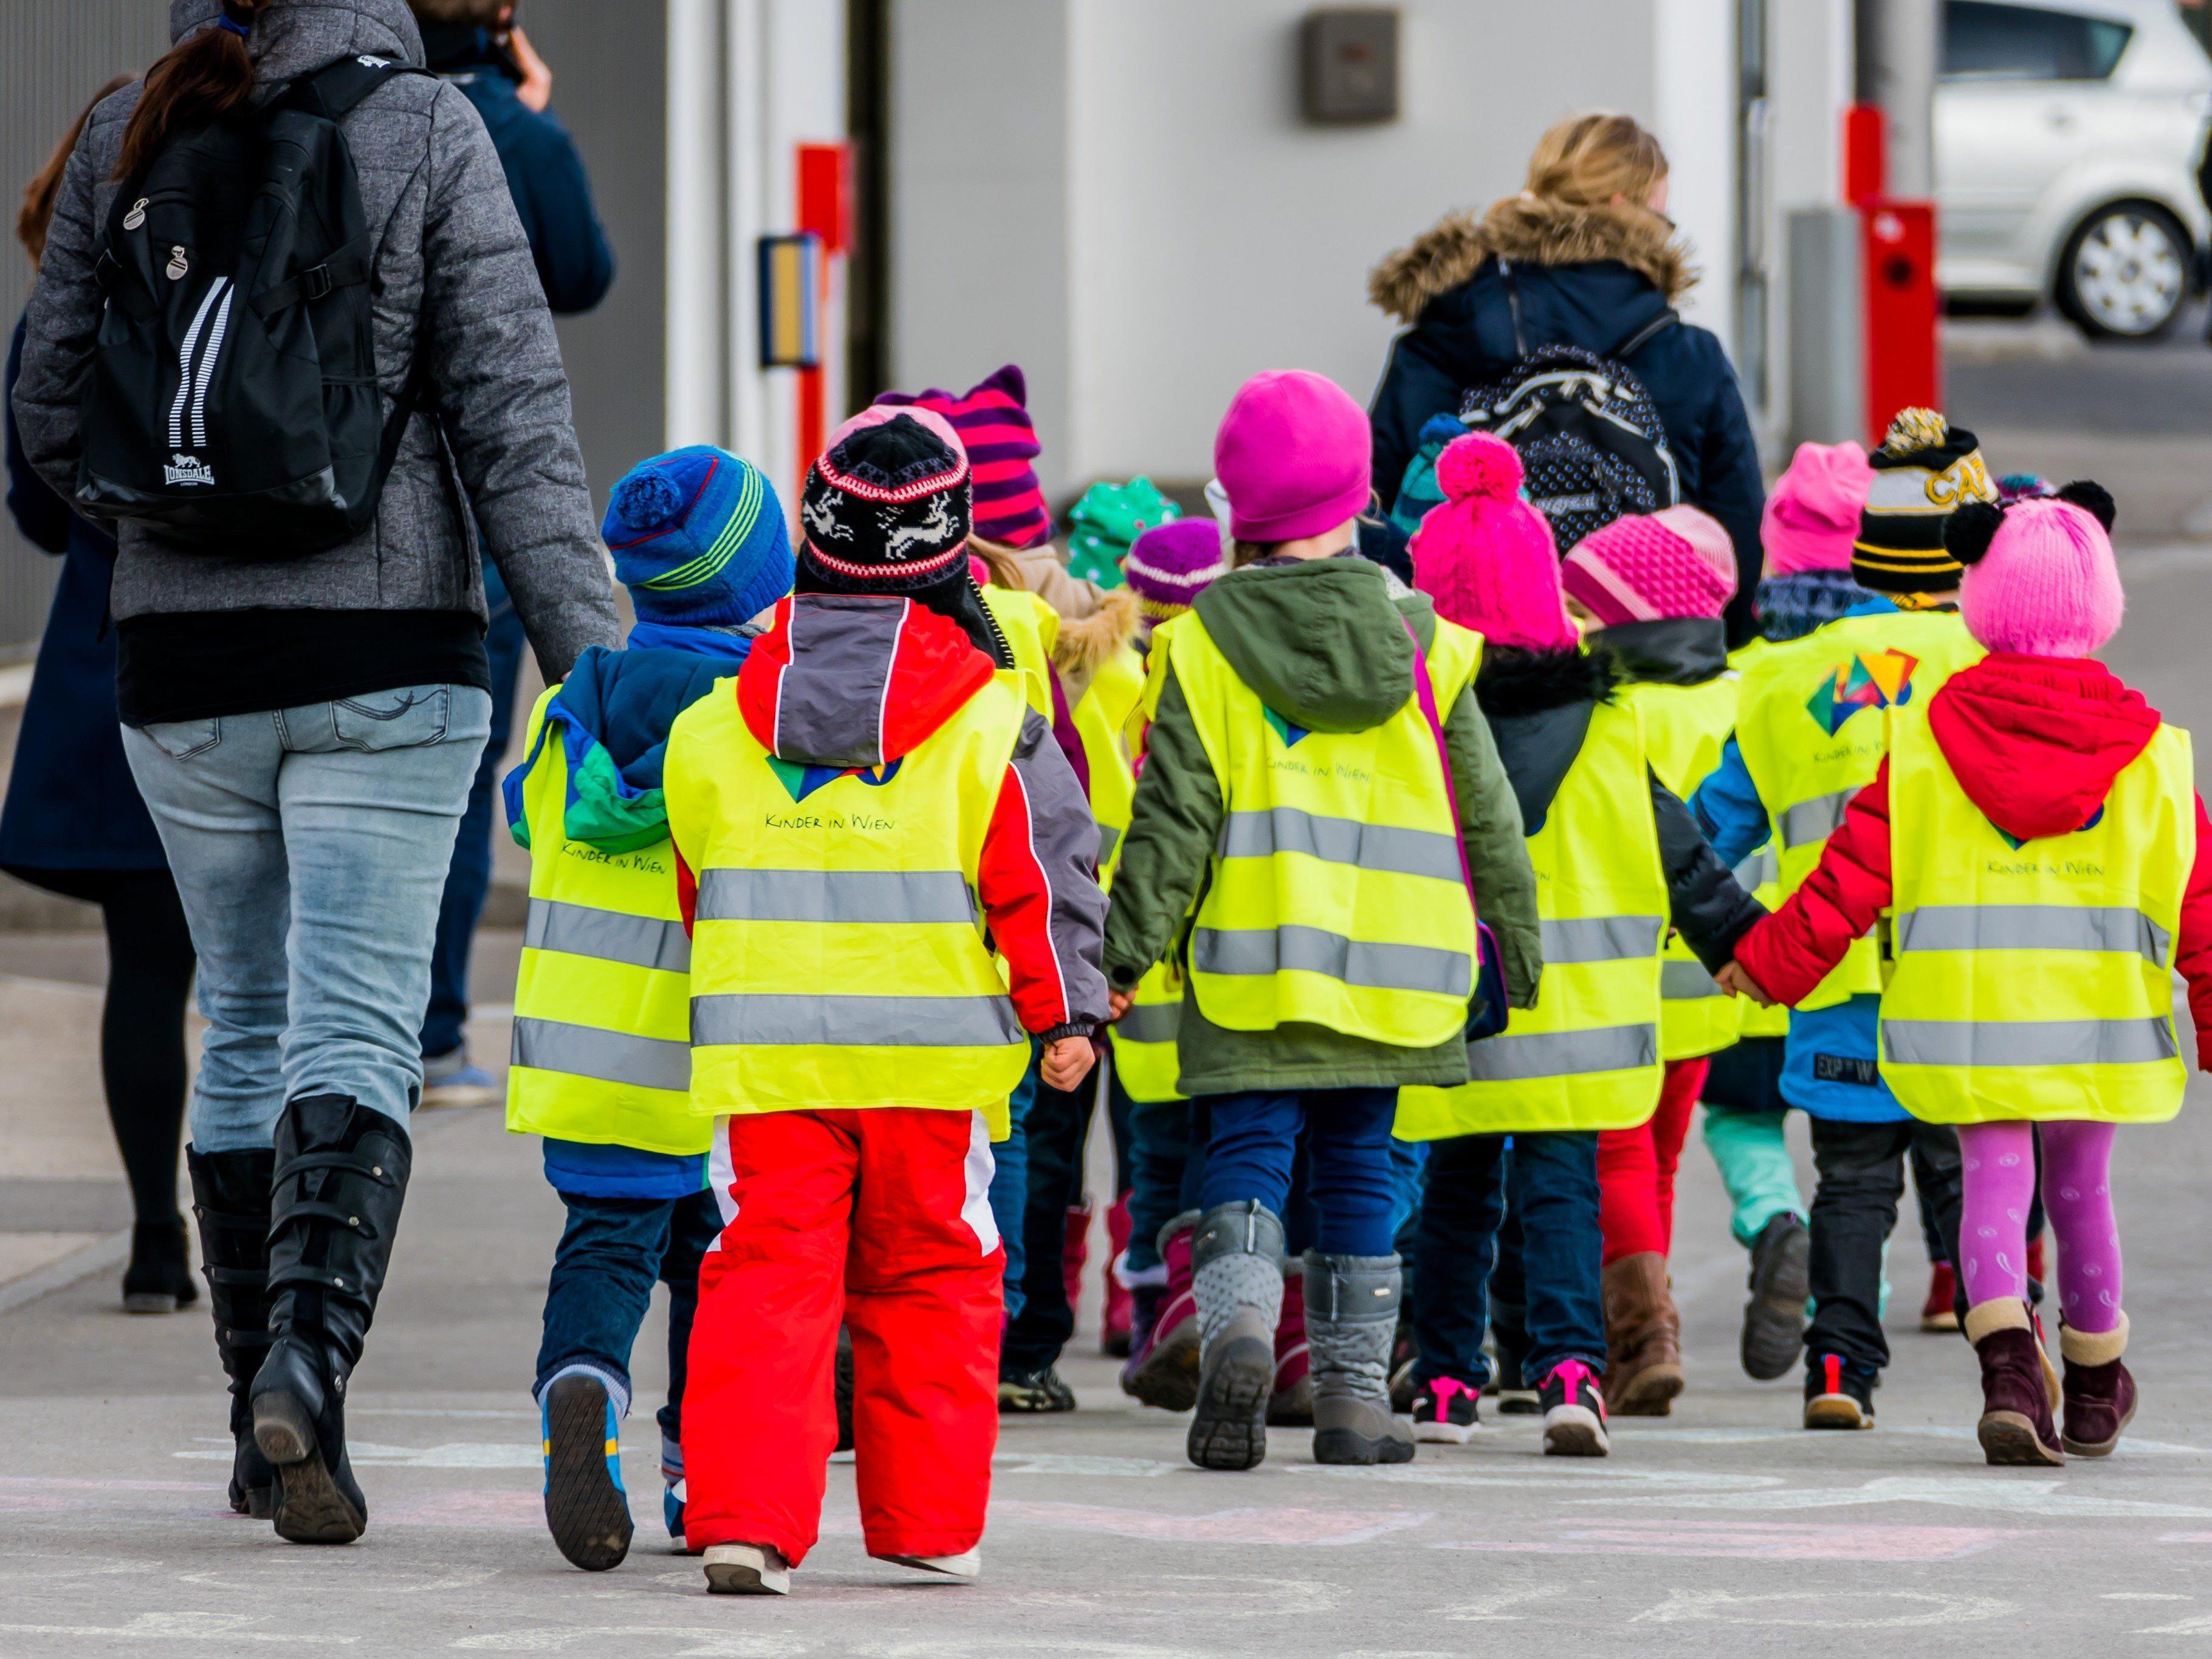 Neuer Vorstoß bei Kosten für Kindergärten